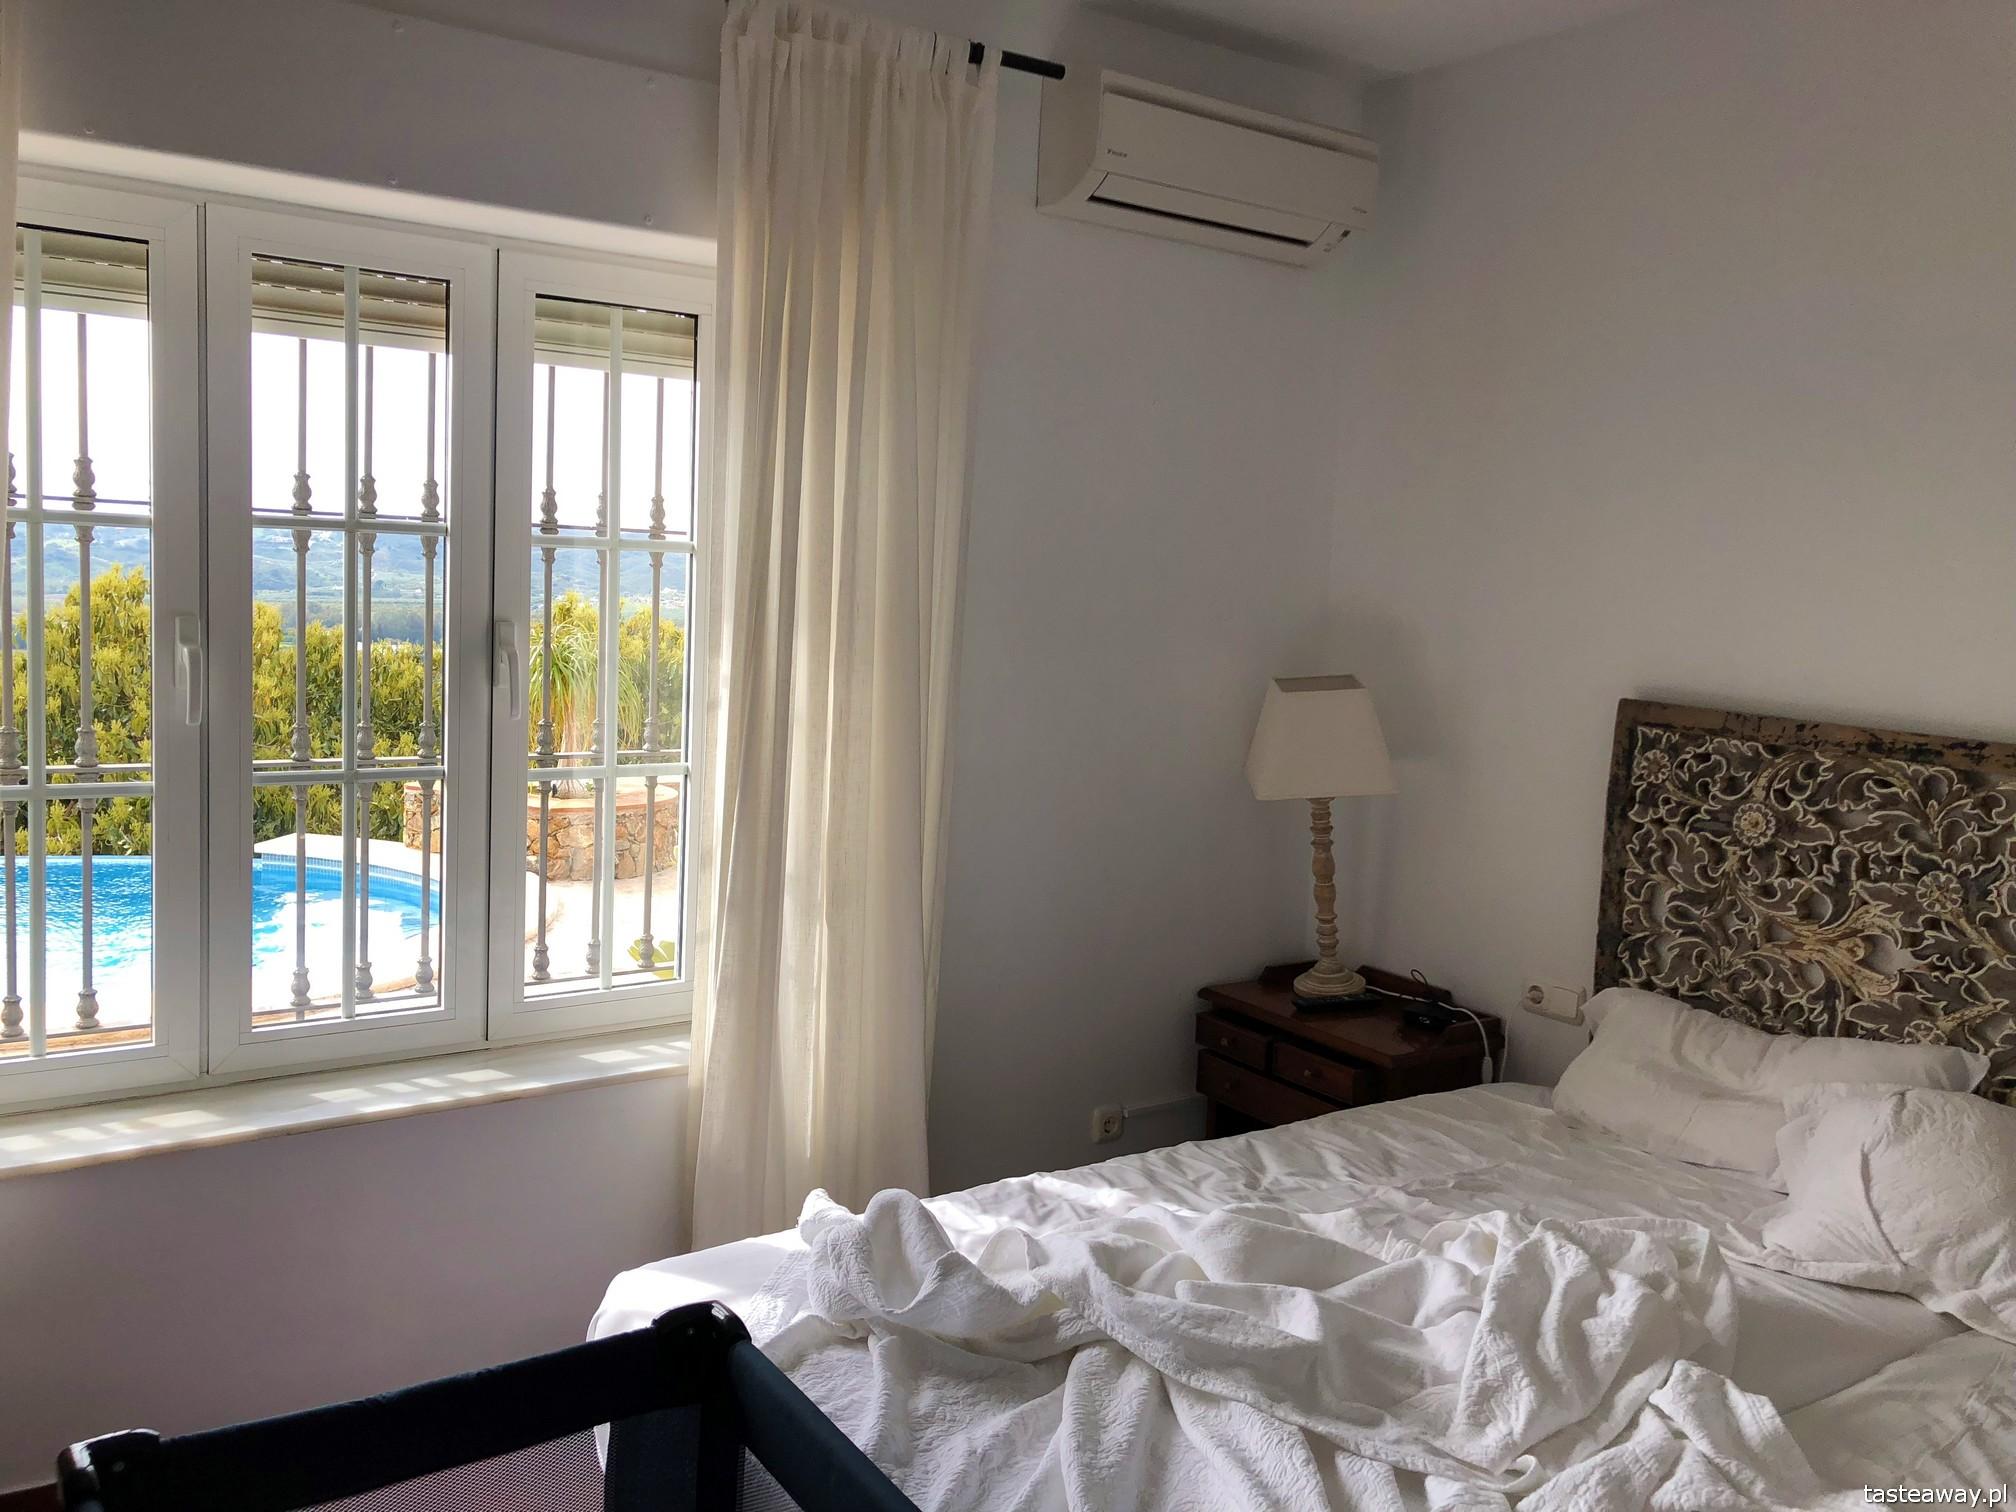 Andaluzja, Mijas, dom w Hiszpanii, gdzie spać w Andaluzji, dom w Andaluzji, rodzinny wyjazd, gdzie nocować w okolicy Mijas